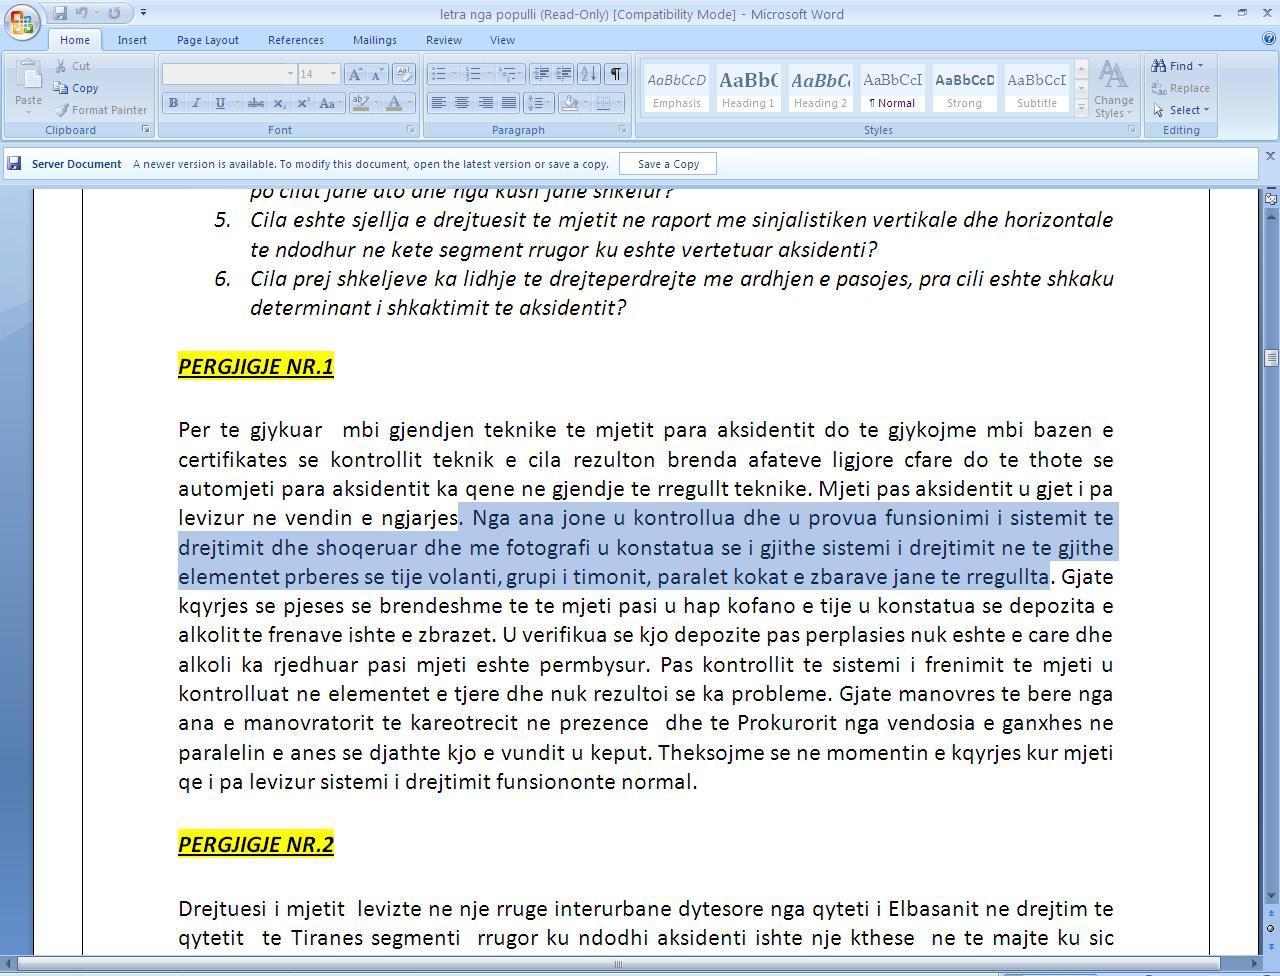 u2_eksperti dokumenti